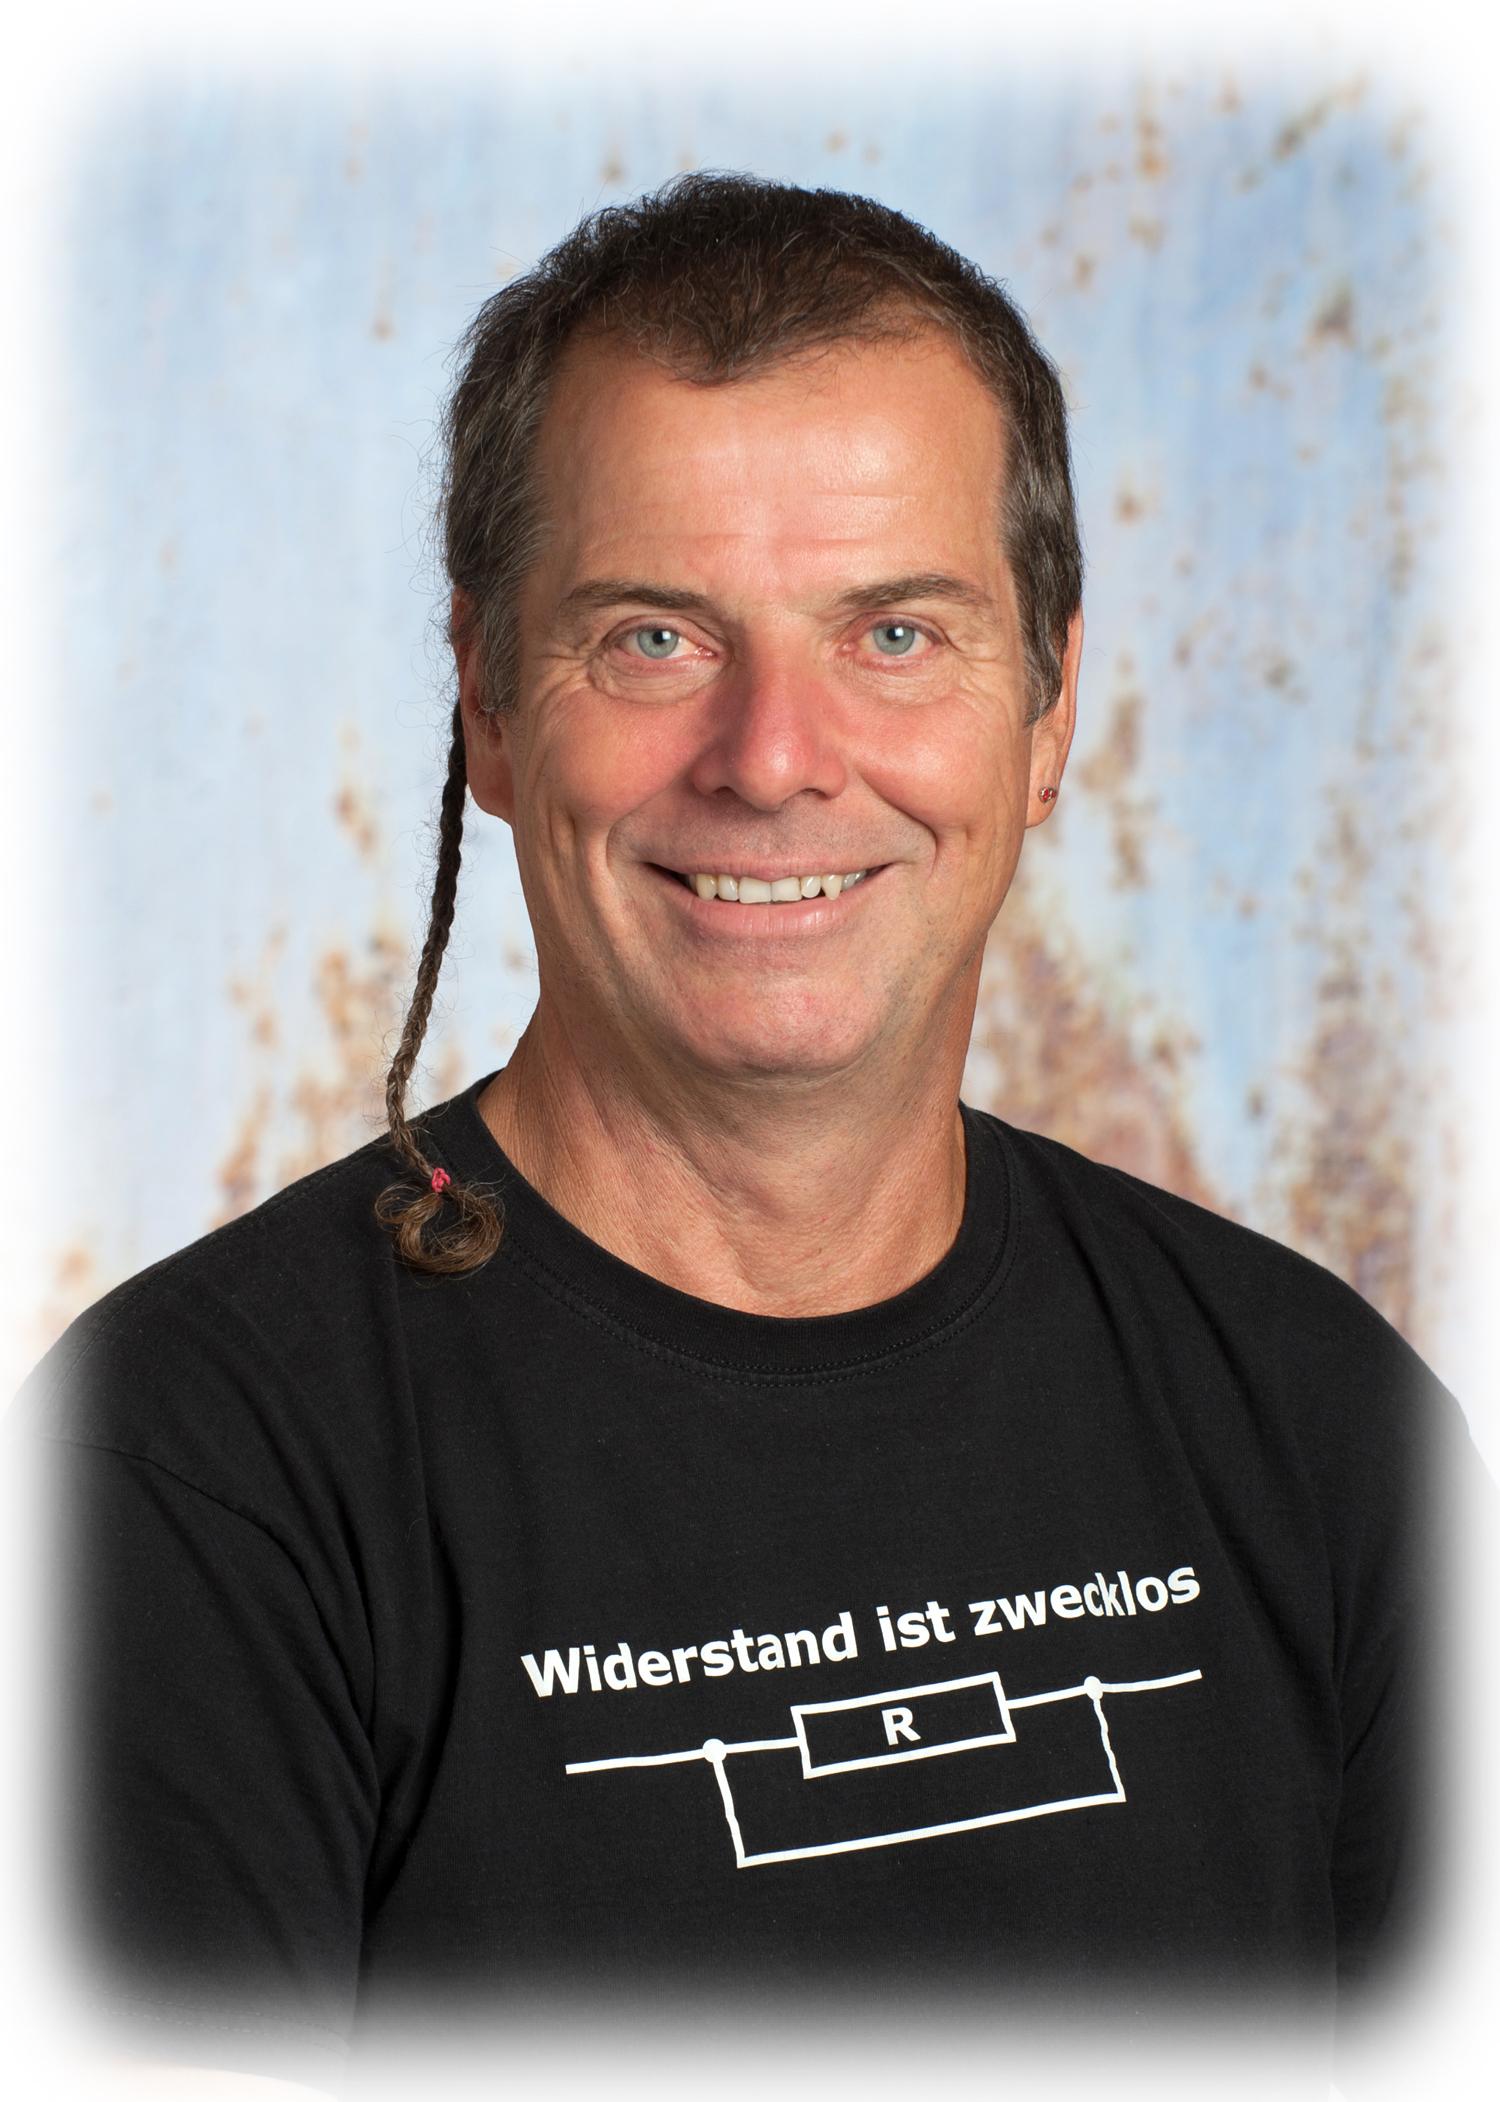 Josef Pflug